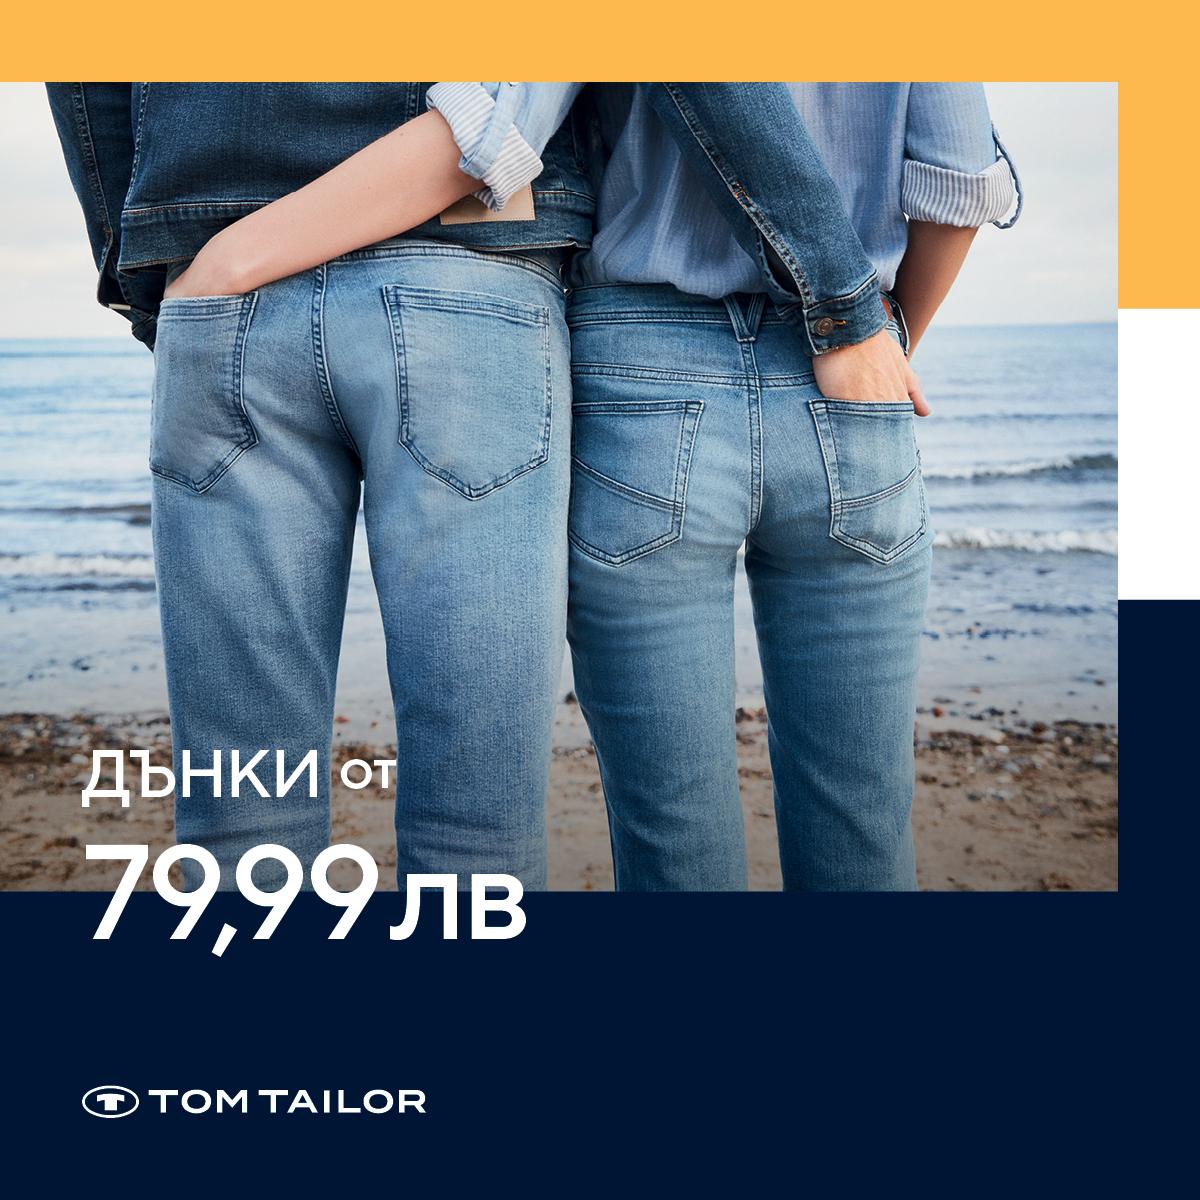 Промоция в Tom Tailor